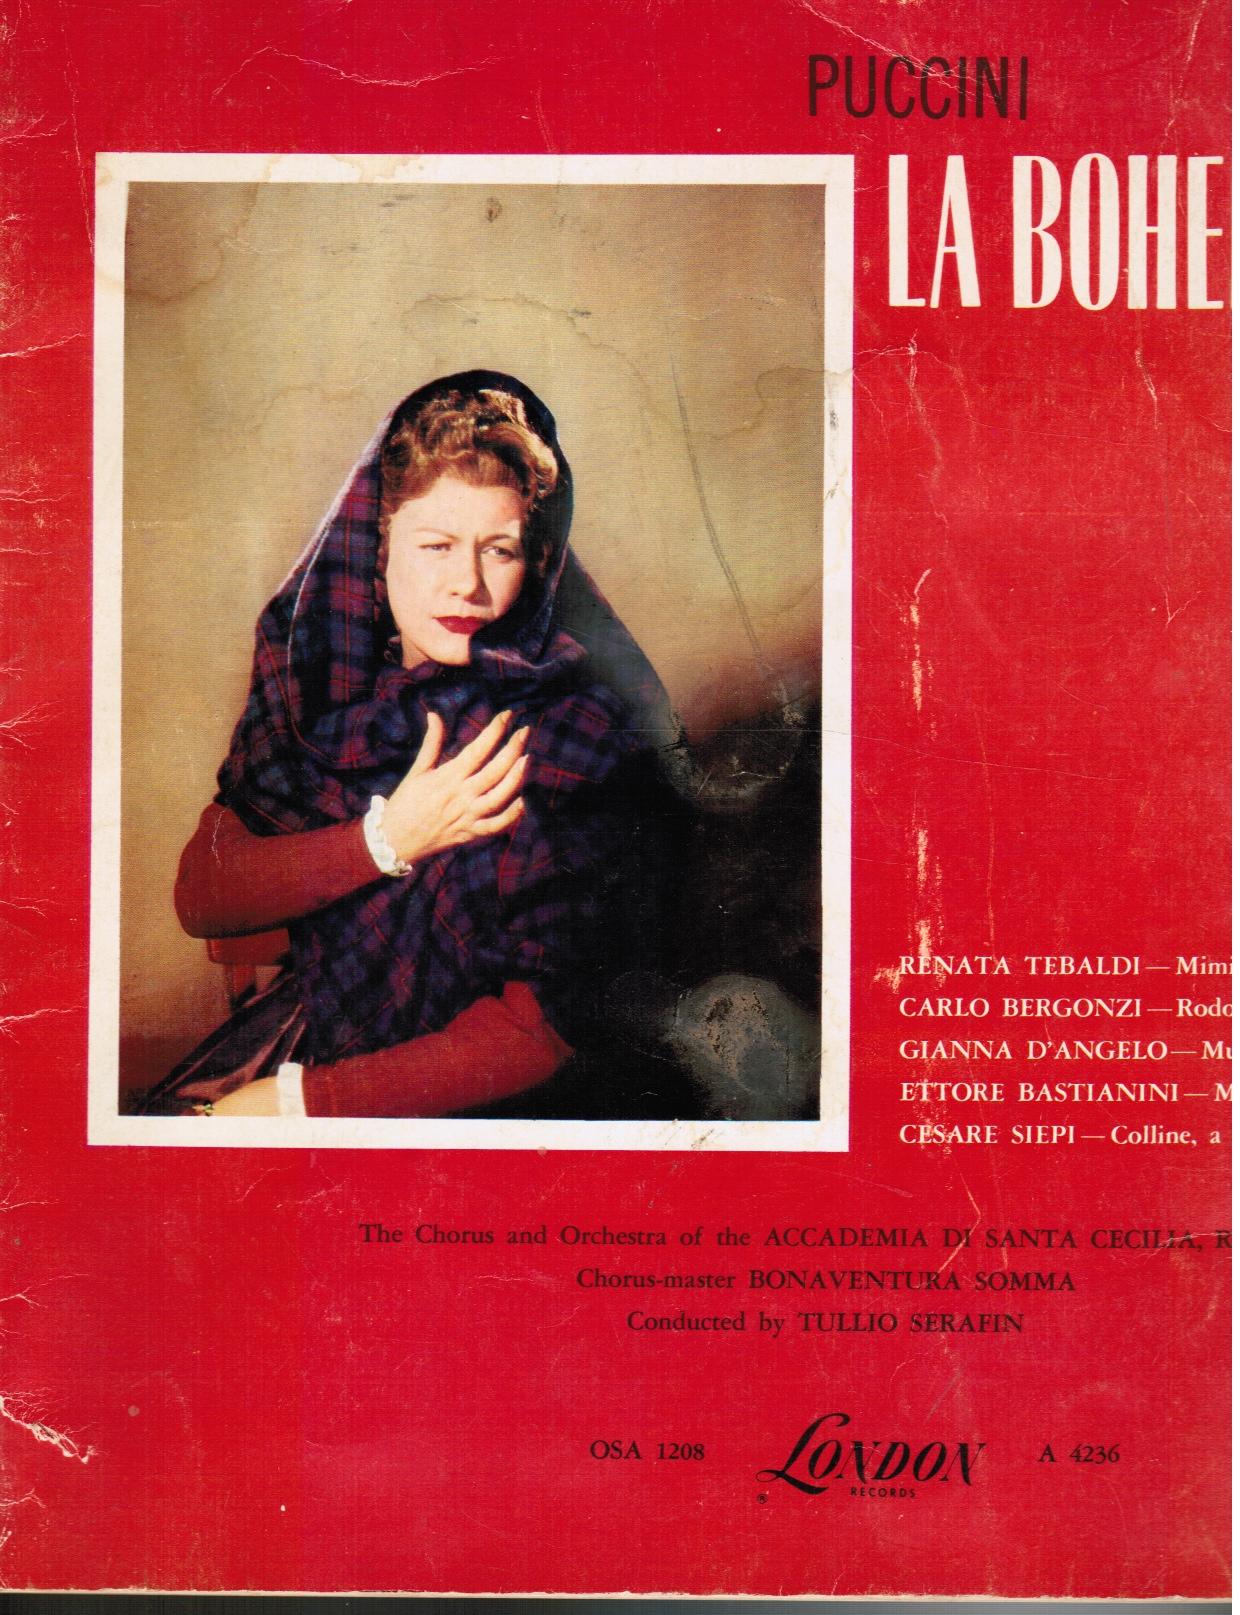 Puccini : La Boheme